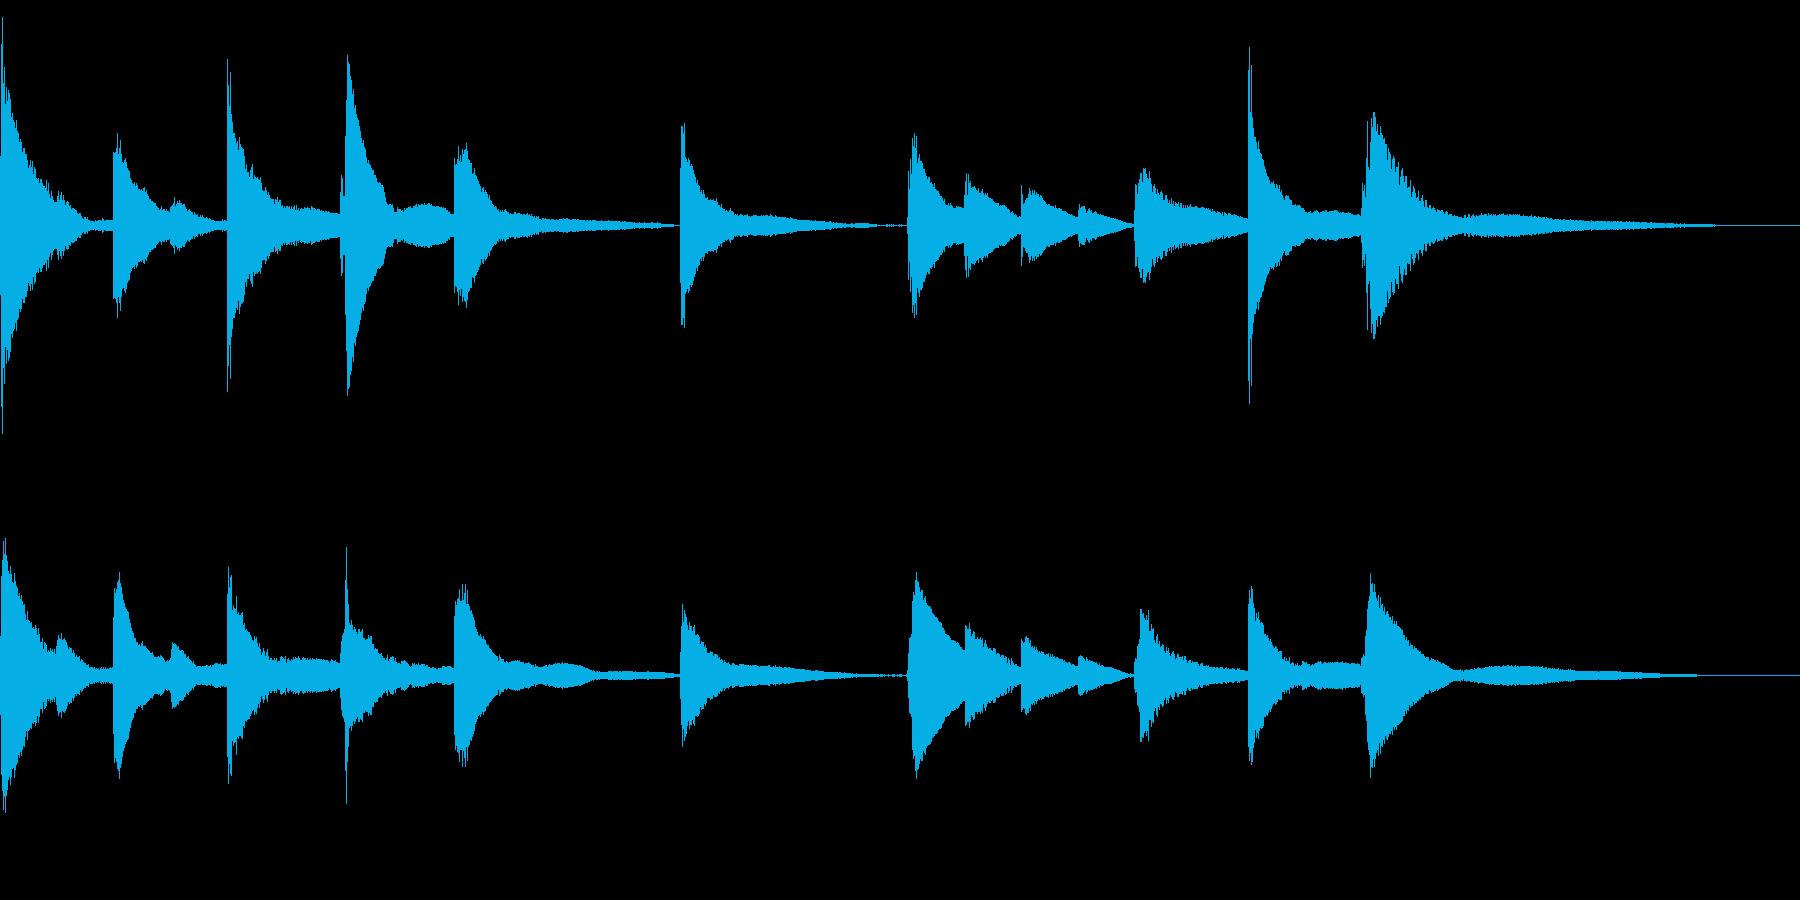 悲しみのBGMの再生済みの波形